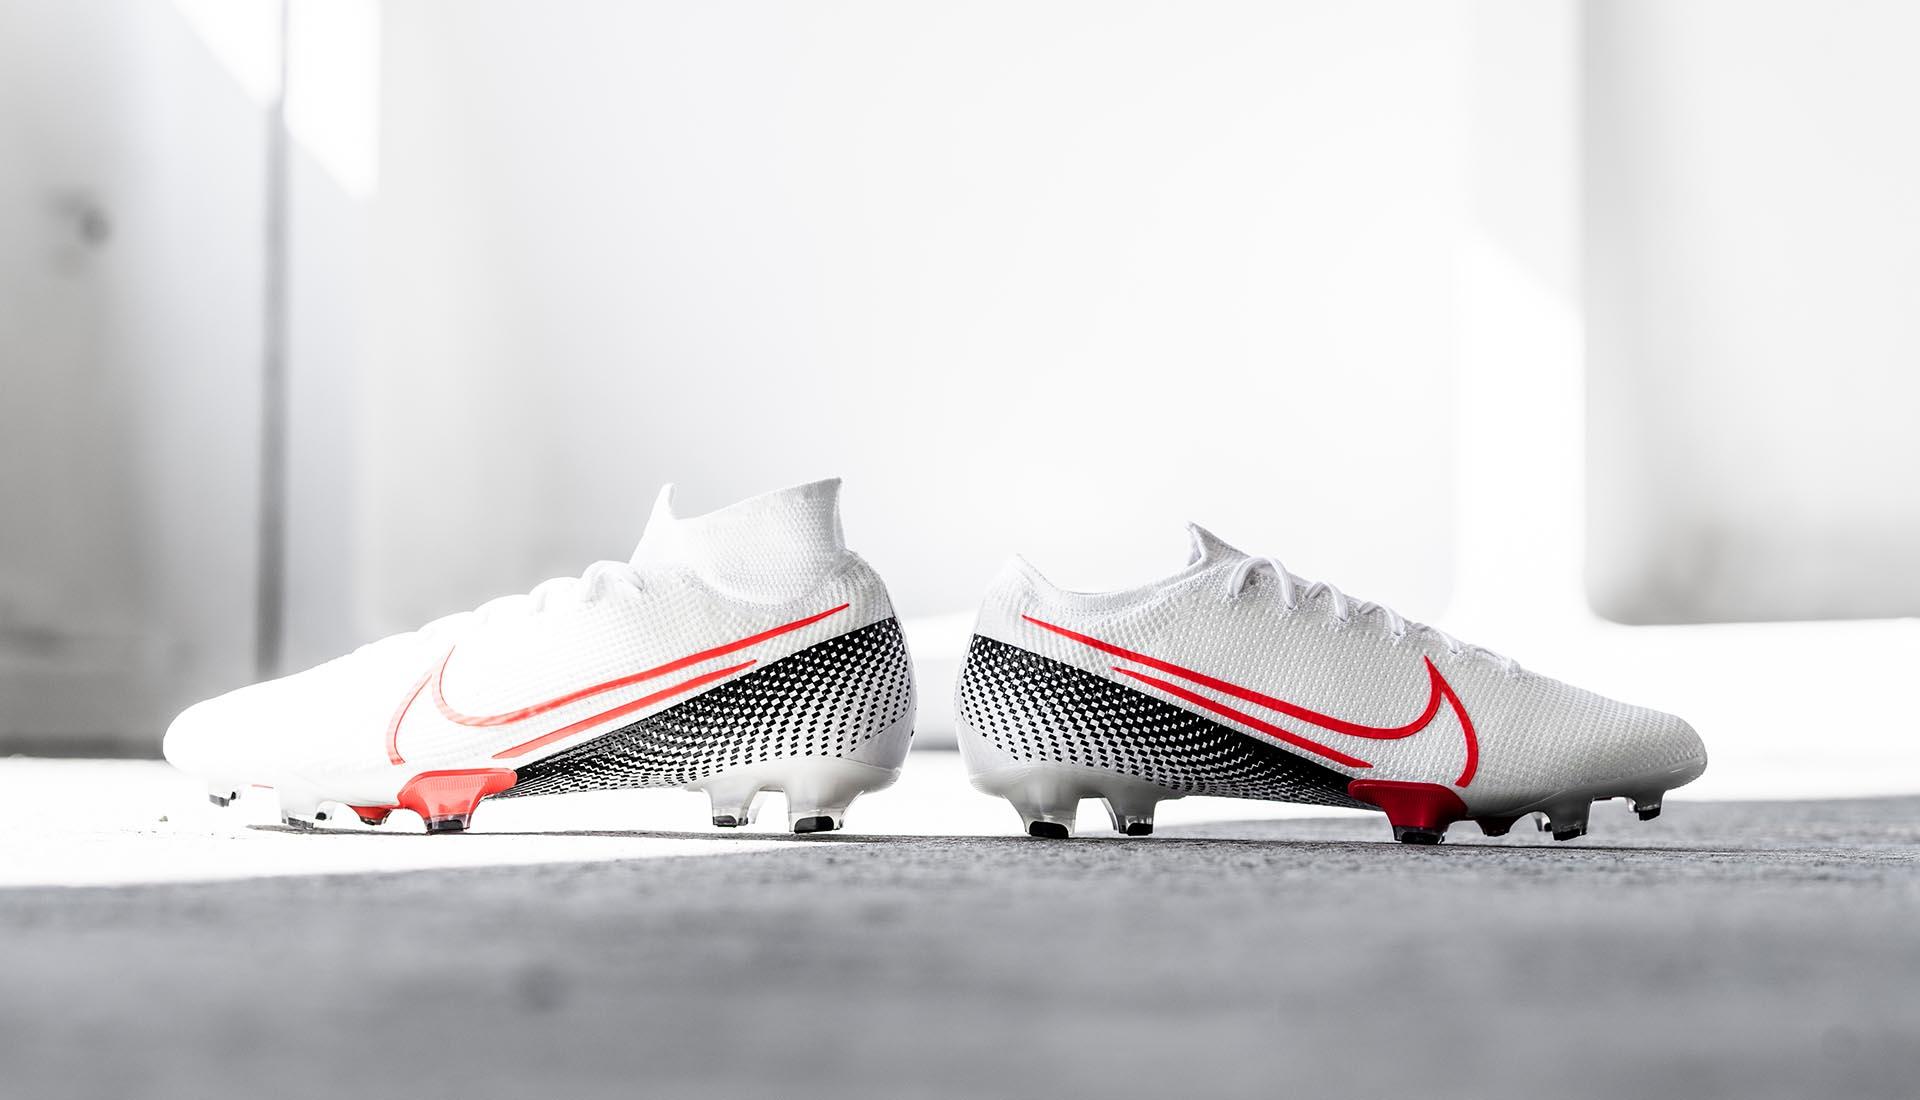 Cổ thun giày bóng đá Nike cao cổ thế hệ mới thấp hơn và thường kèm một phiên bản cổ thấp